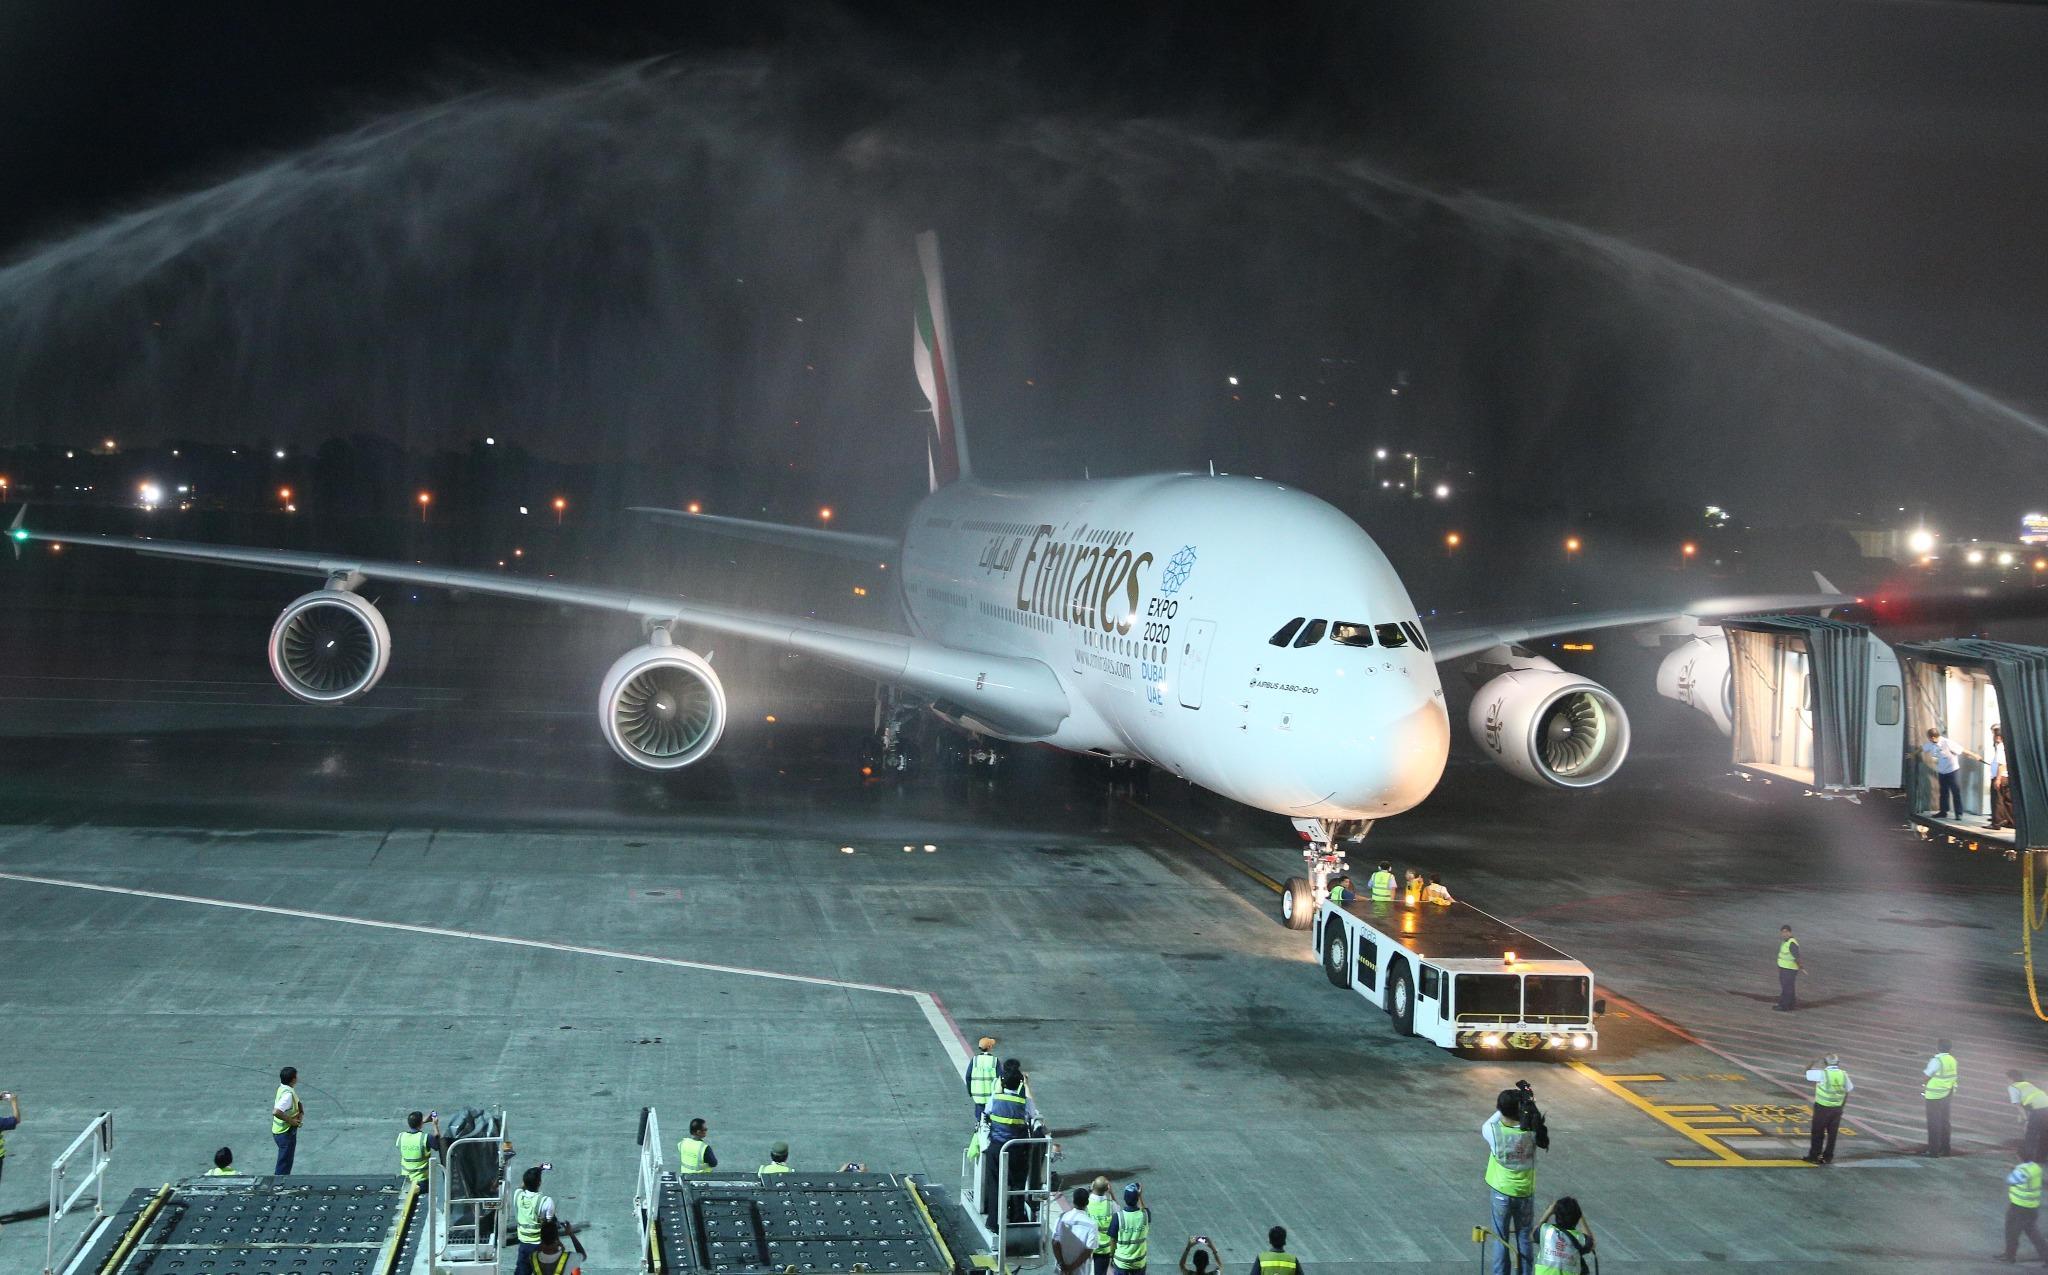 Airbus A380 of Emirates